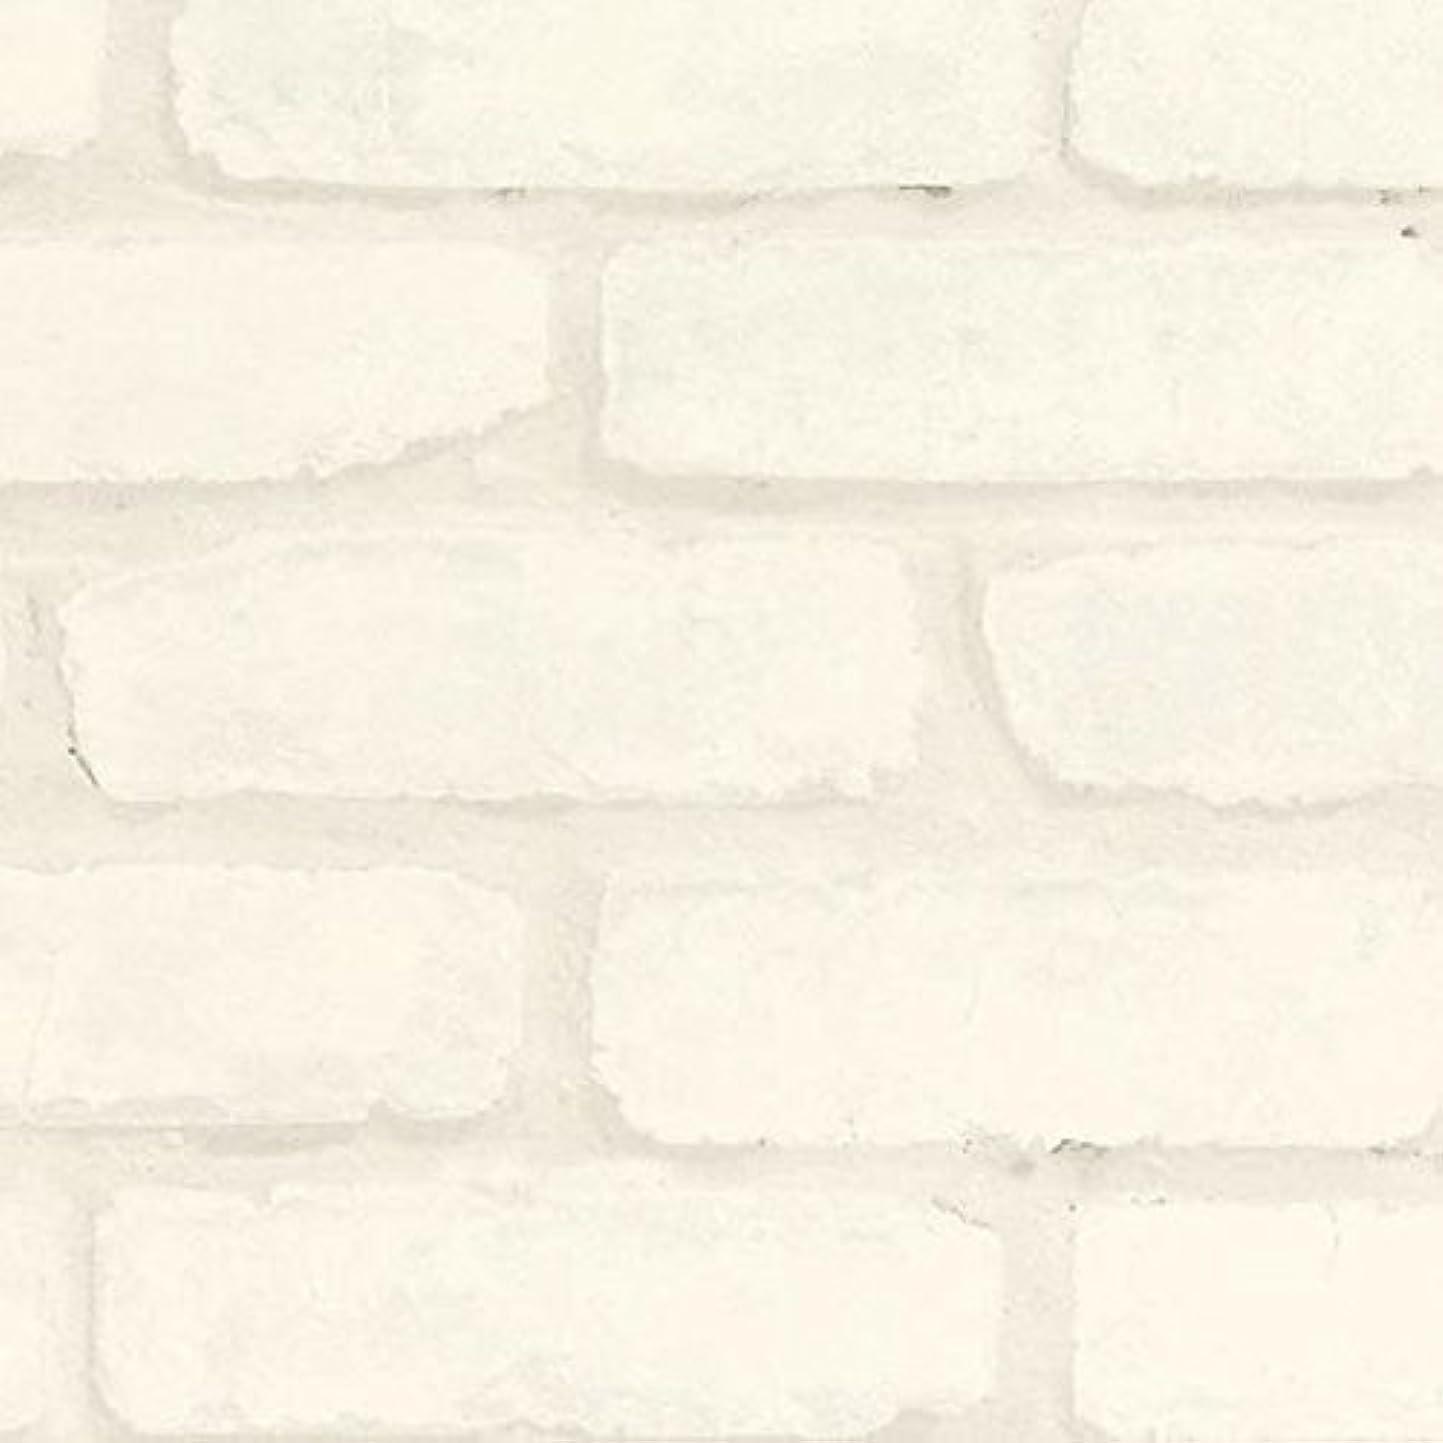 にじみ出る要件矩形生のり付き壁紙 ナチュラルなレンガ柄セレクション/サンゲツ SG-5969 (販売単位1m) SG-5969